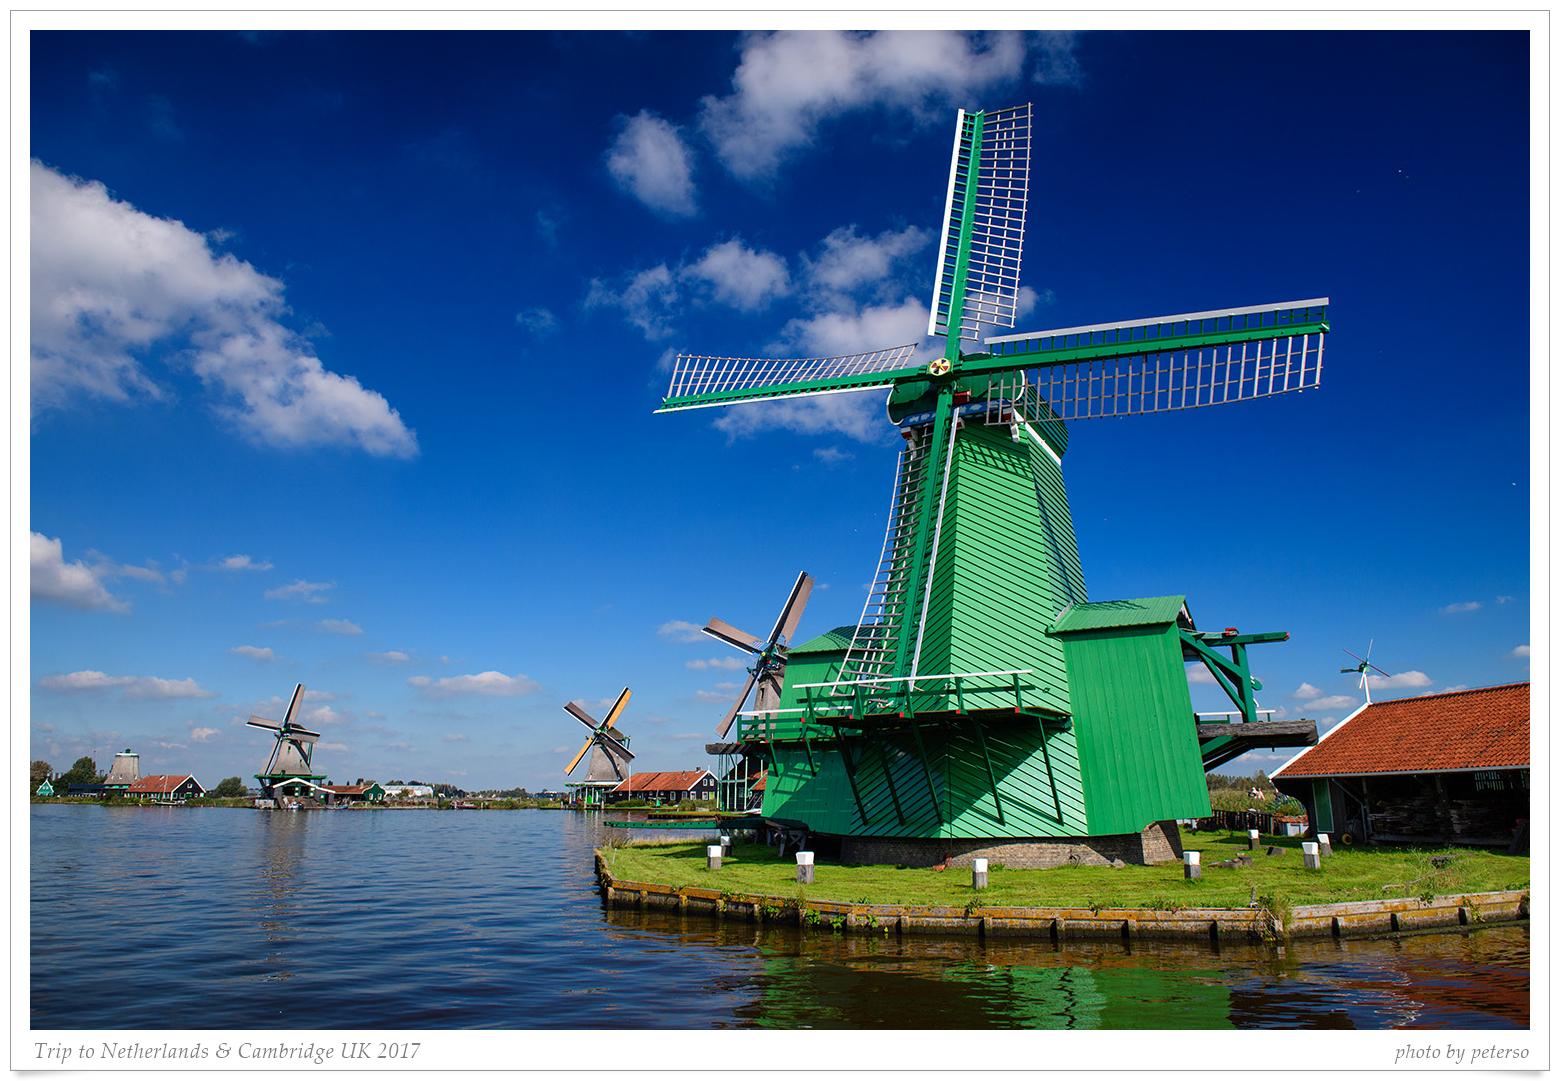 https://photos.smugmug.com/Travel/Trip-to-Netherlands-Cambridge-UK/i-fRSQnC6/0/346aae94/O/236f.jpg